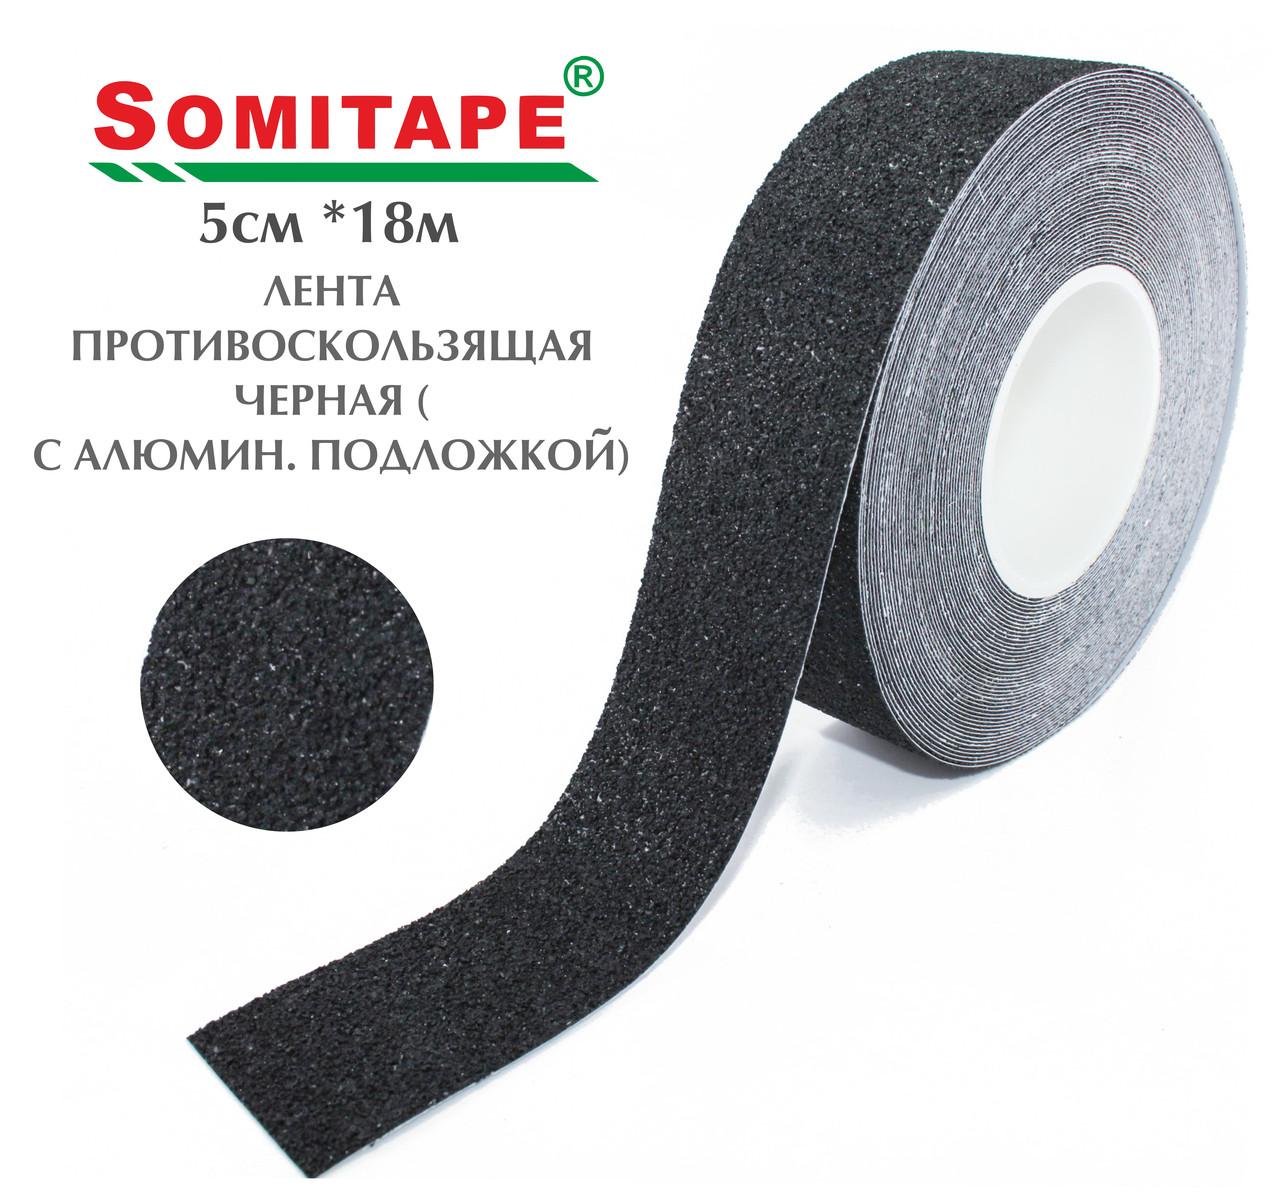 Лента противоскользящая черная (c алюмин. подложкой) (5смХ18м)